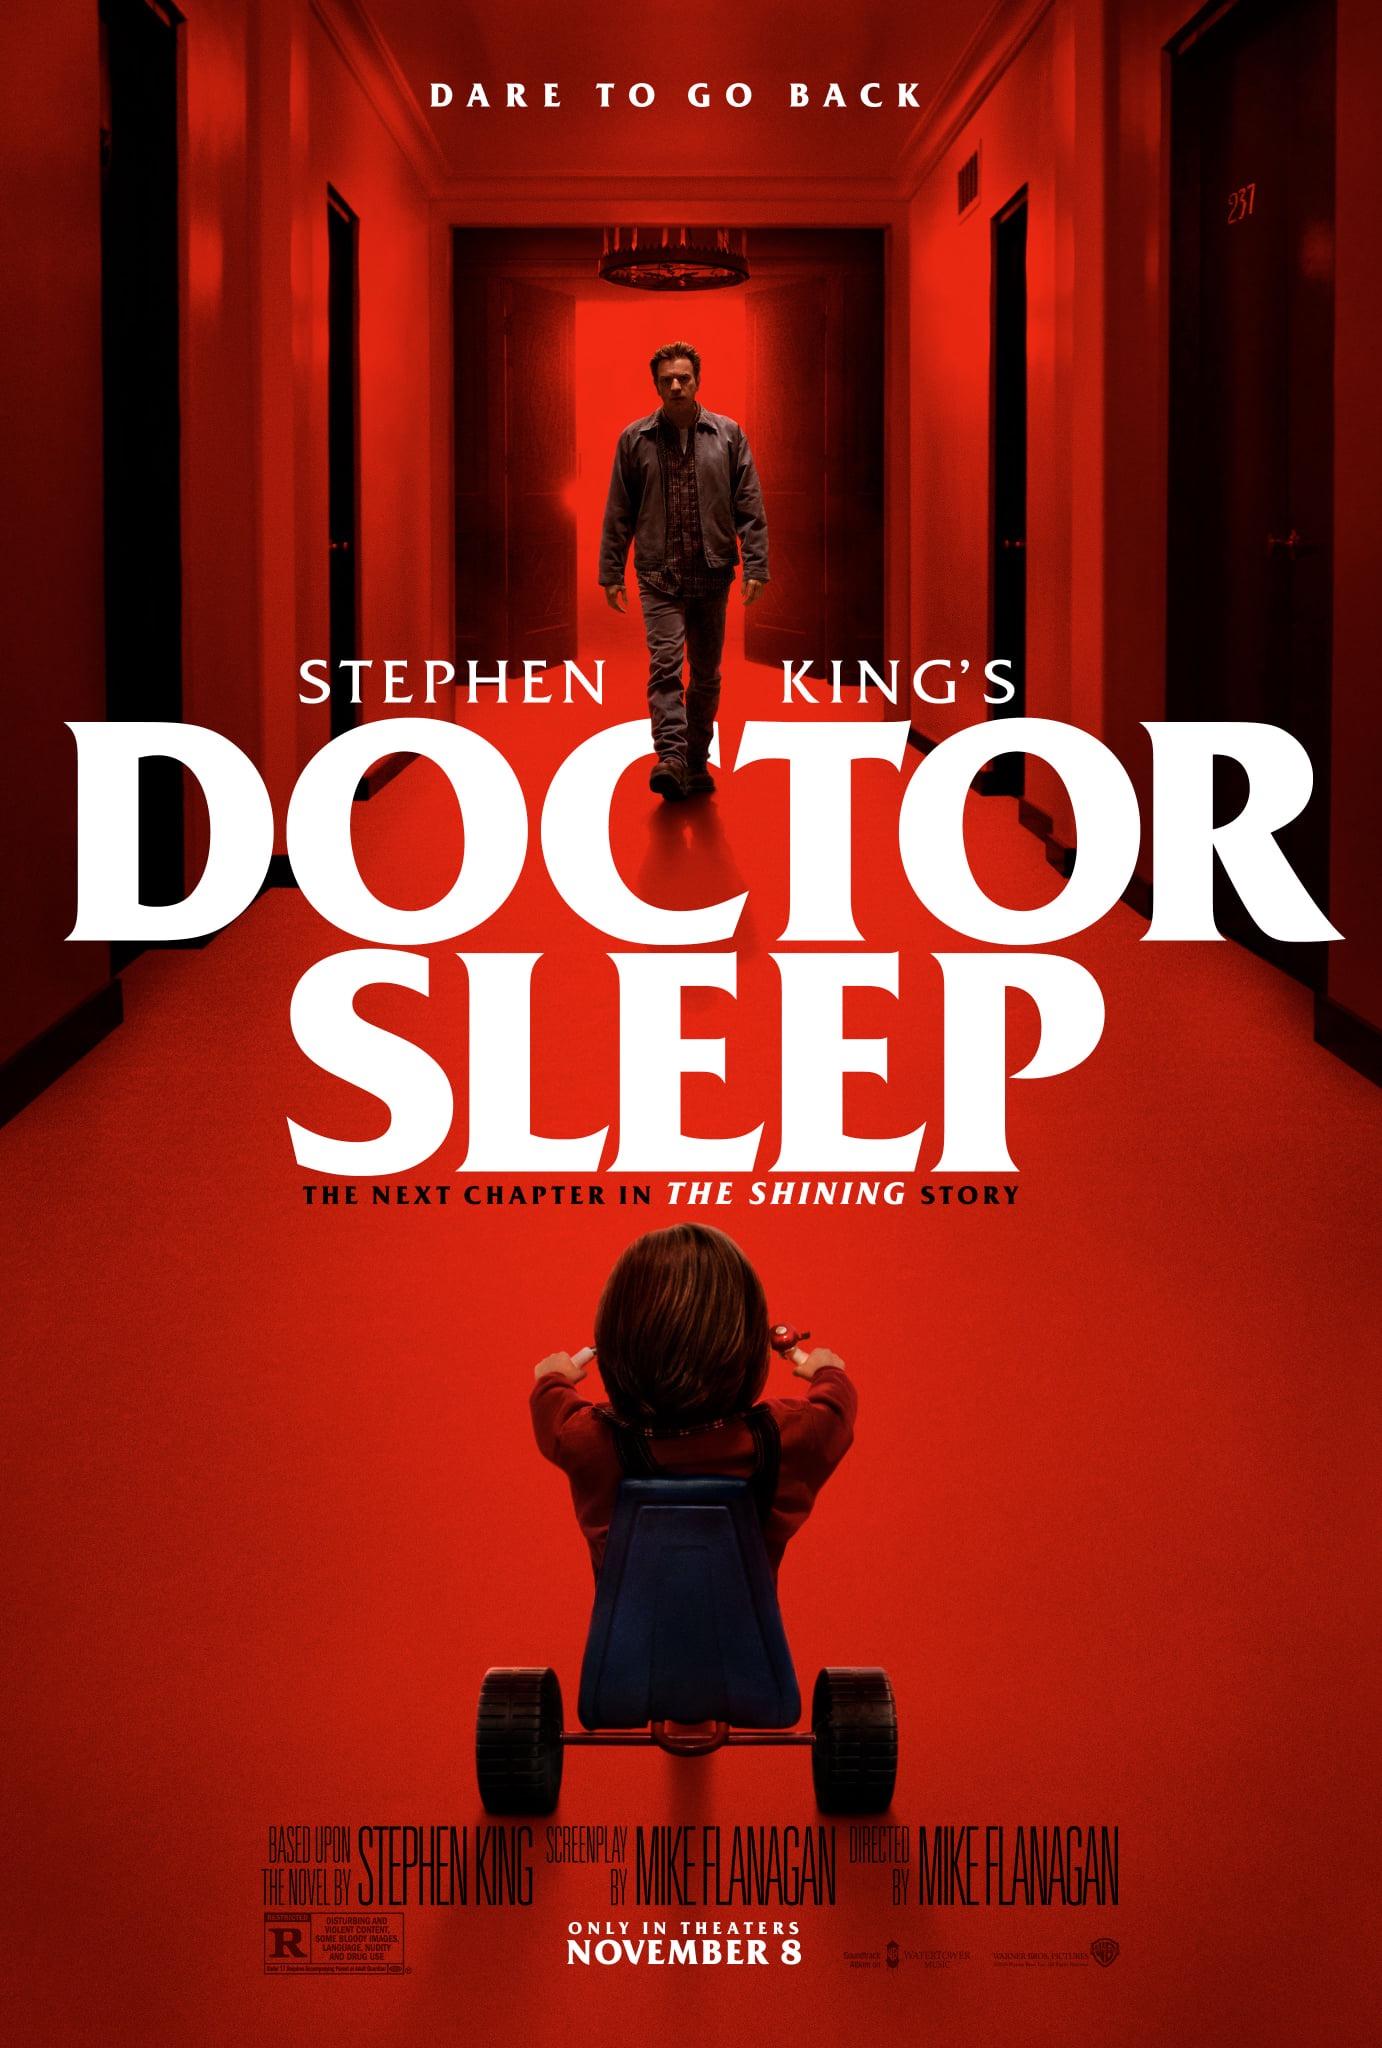 DateiDoctor Sleep Poster 20.jpg – KingWiki